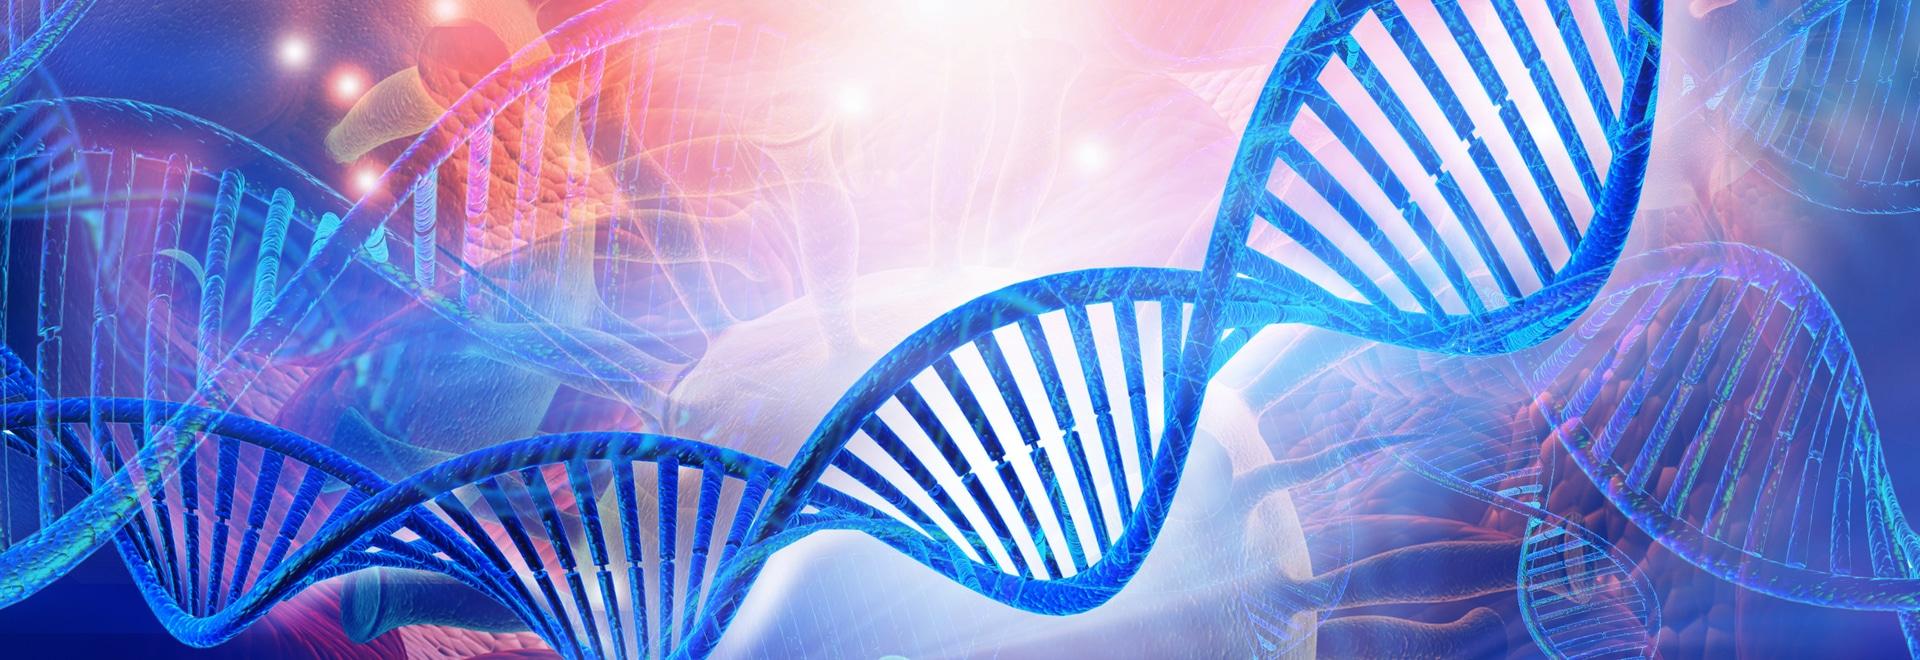 ChIP racionalizado: se trata de números de células pequeñas y bajas concentraciones de cromatina